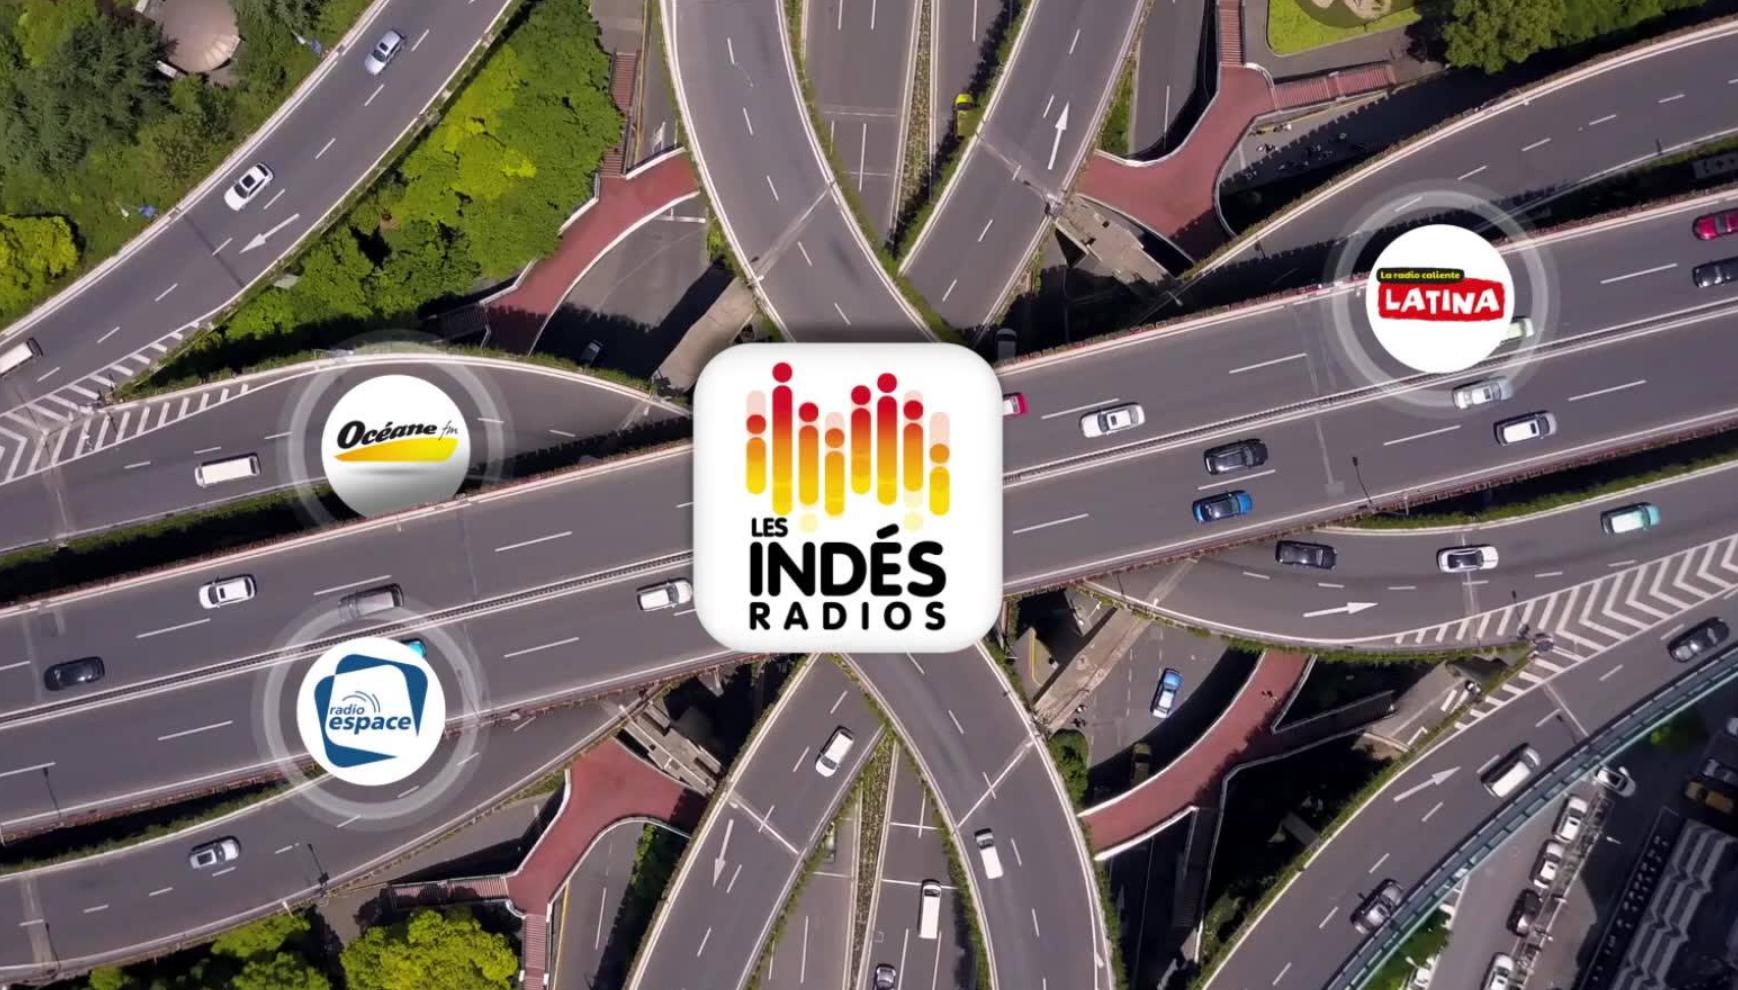 7.4 millions d'auditeurs écoutent les Indés Radios